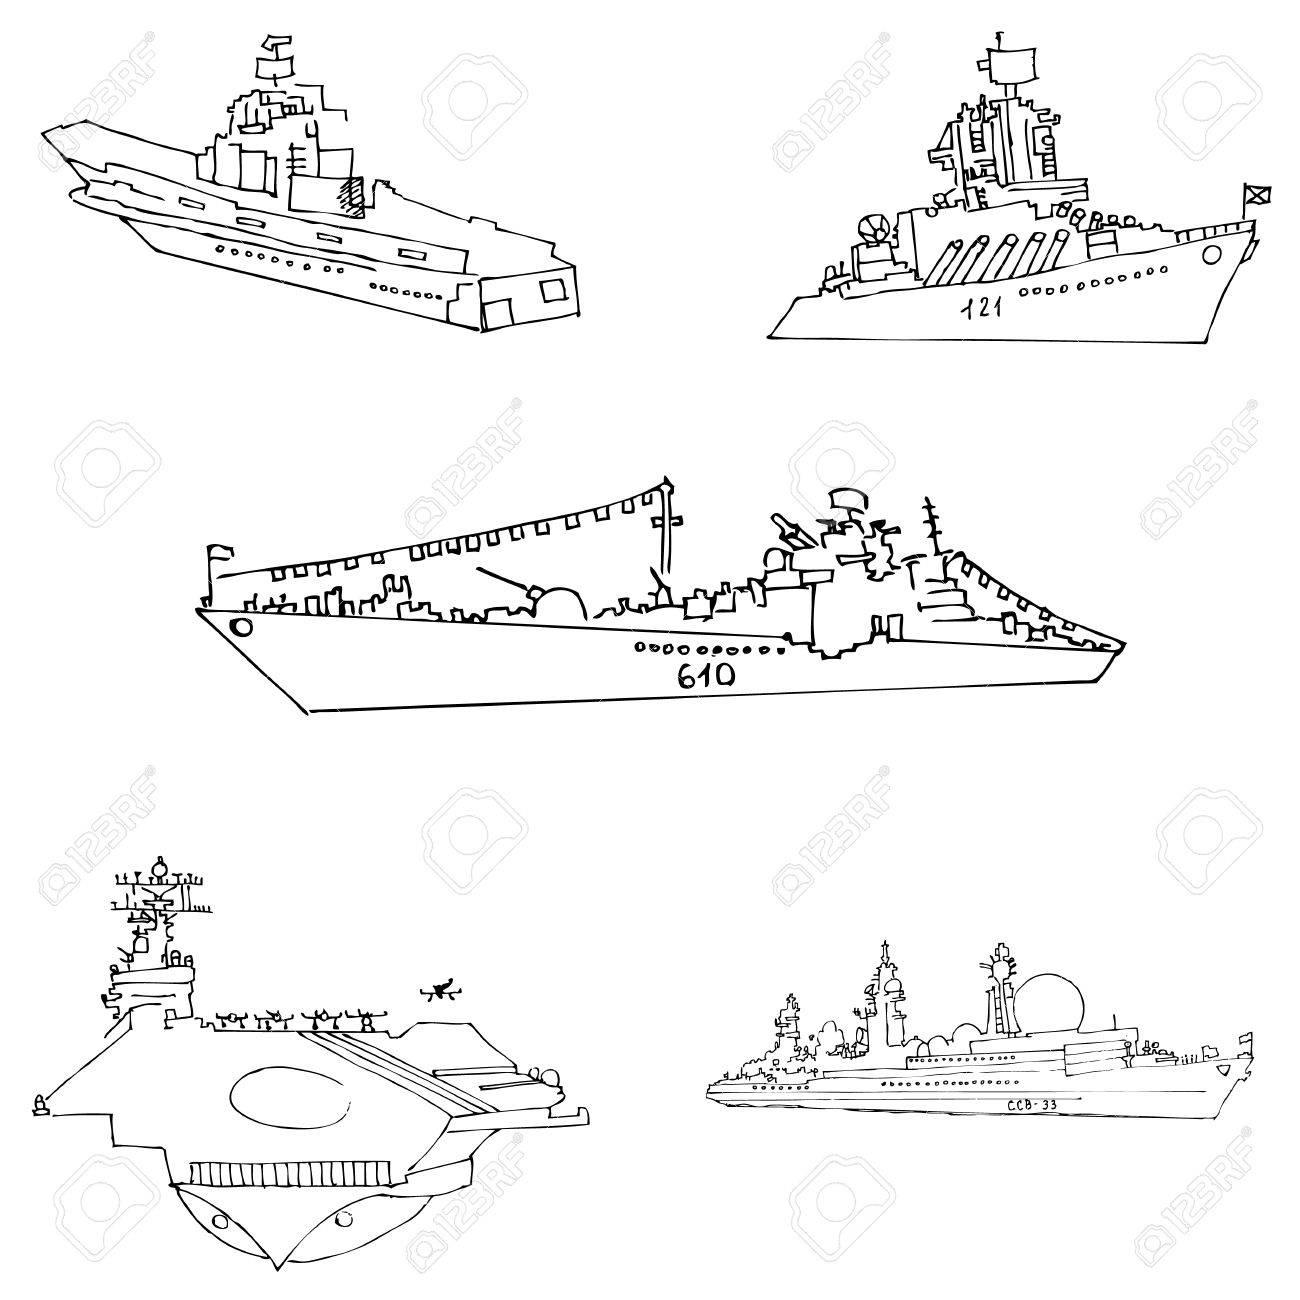 Segelschiff bleistiftzeichnung  Kriegsschiffe Skizze Von Hand. Bleistiftzeichnung Von Hand ...